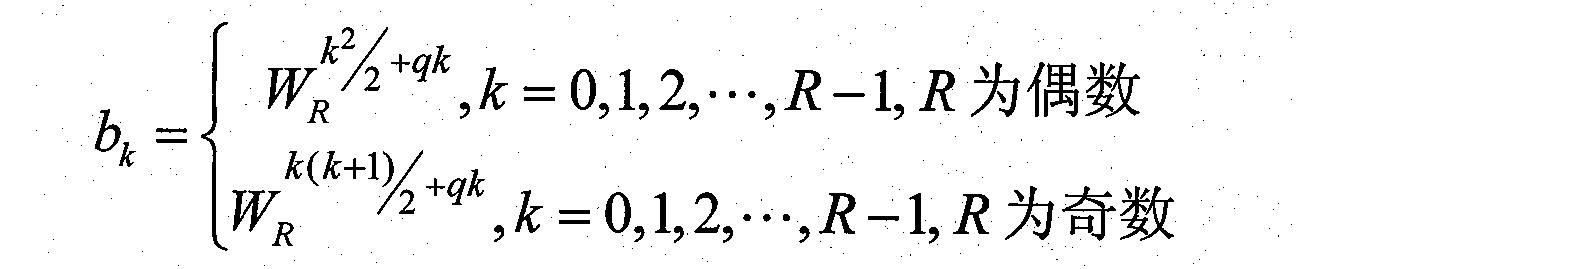 Figure CN101645725BC00021